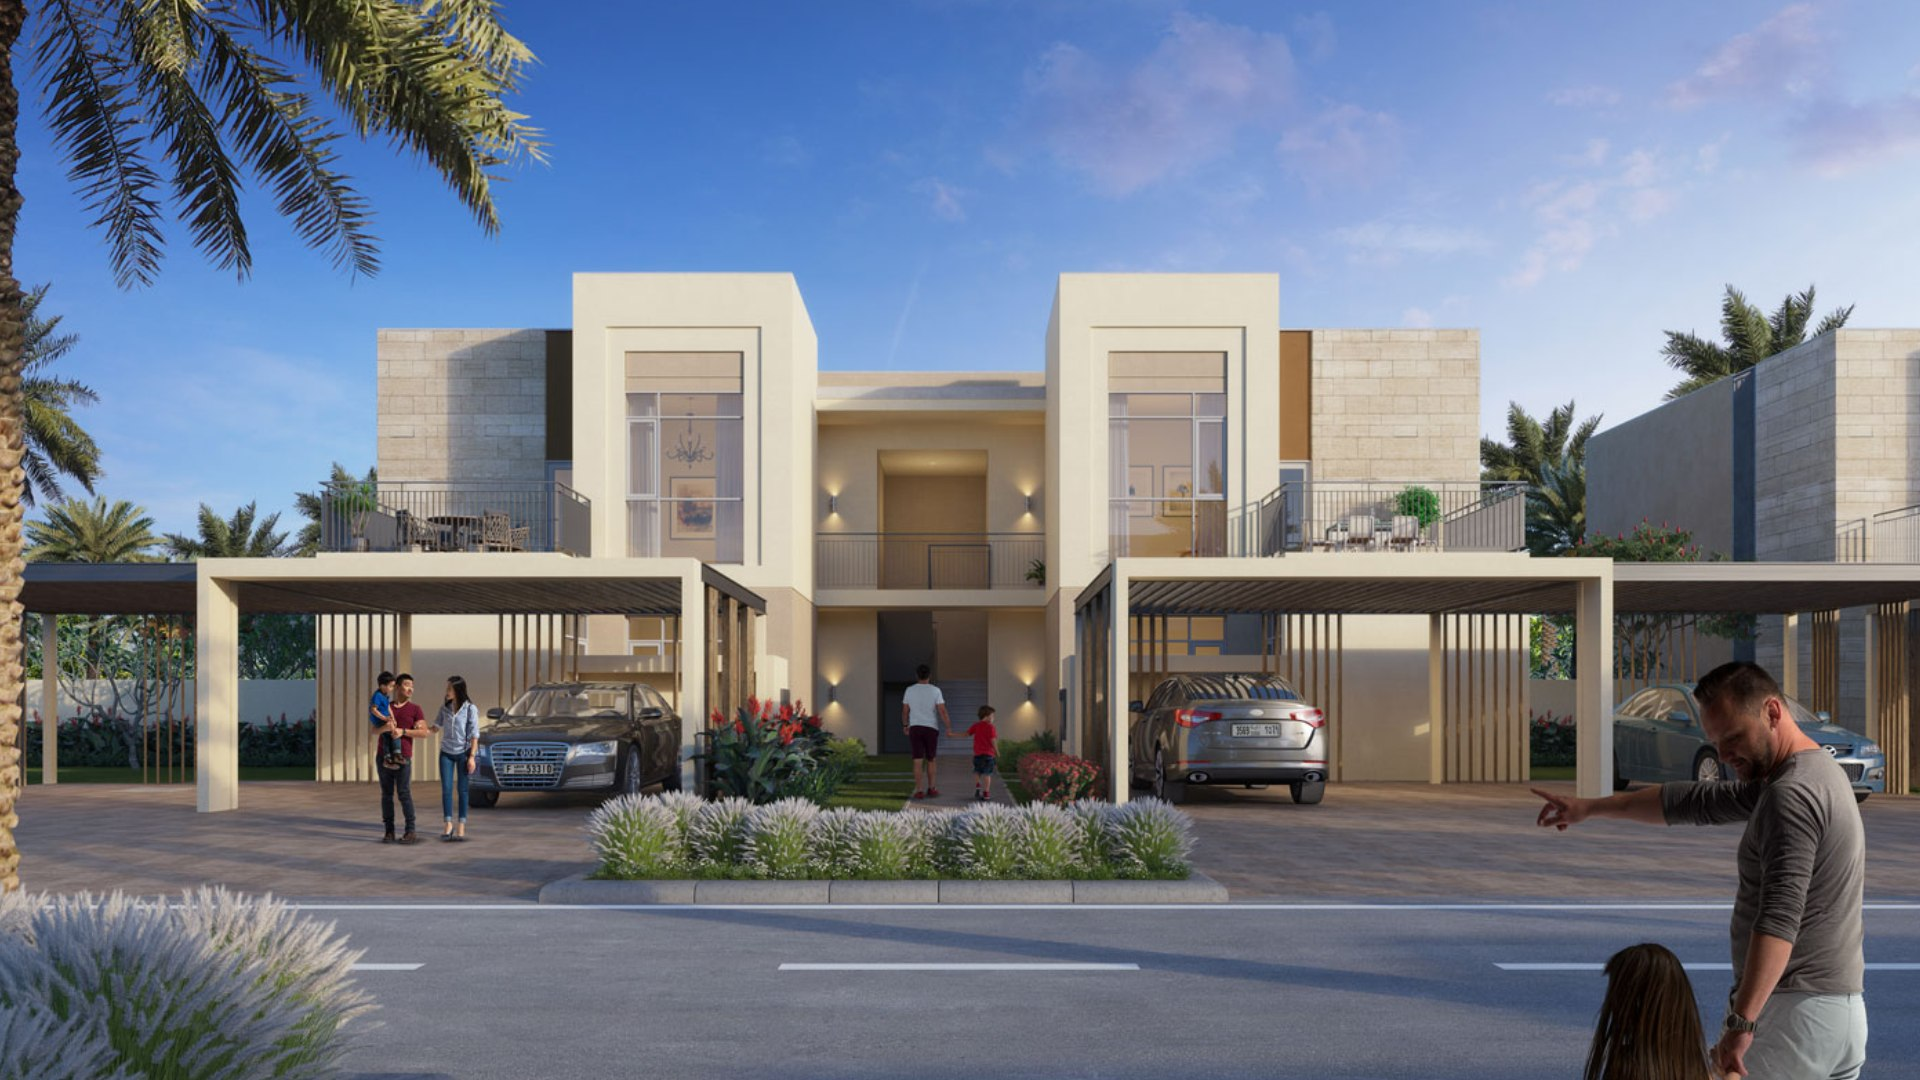 Adosado en venta en Dubai, EAU, 3 dormitorios, 212 m2, № 24248 – foto 1